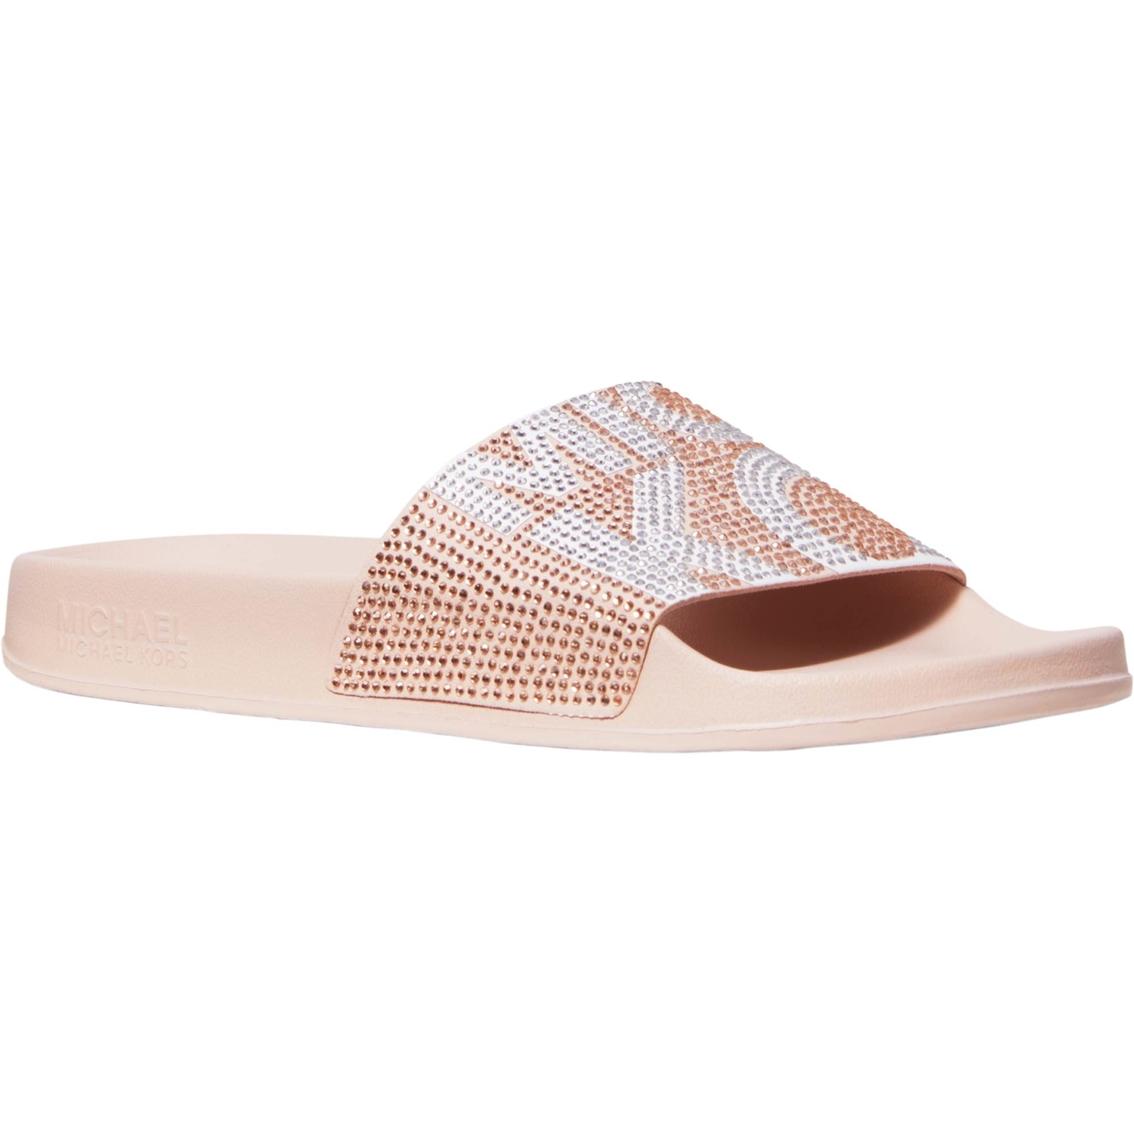 Gilmore Slide Sandals | Sandals | Shoes